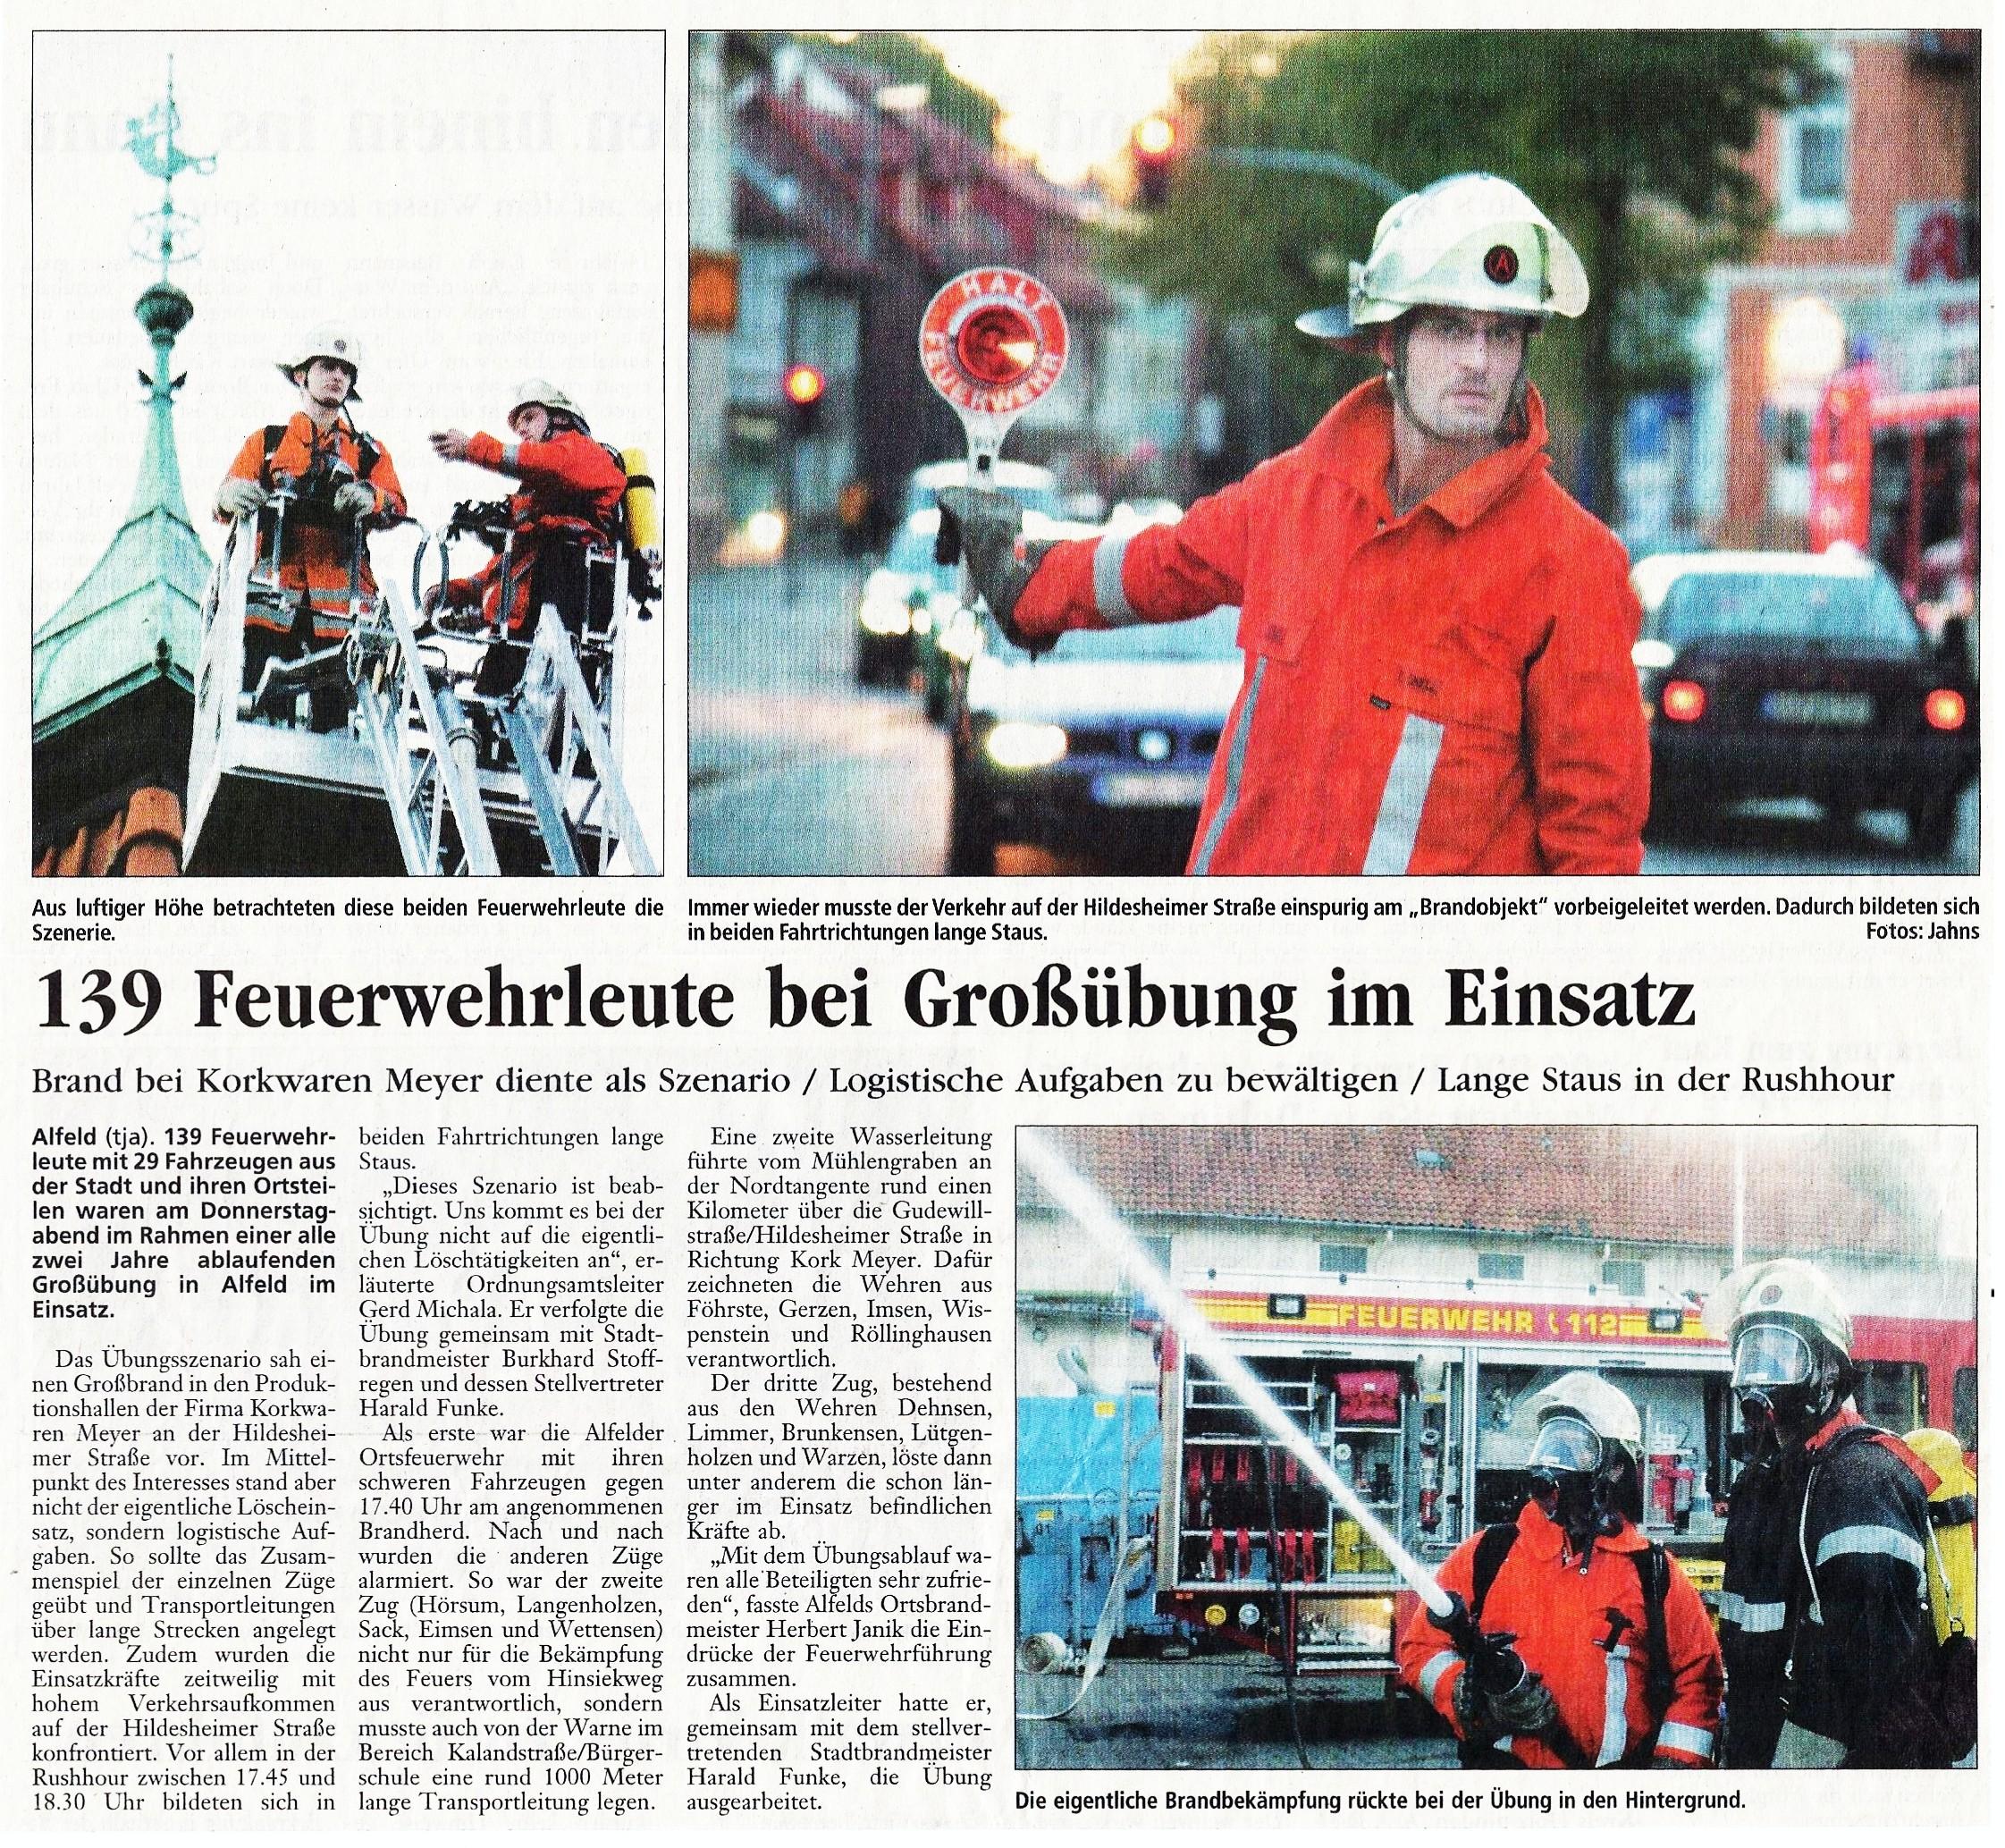 2003-10-25 139 Feuerwehrleute bei Großübung im Einsatz